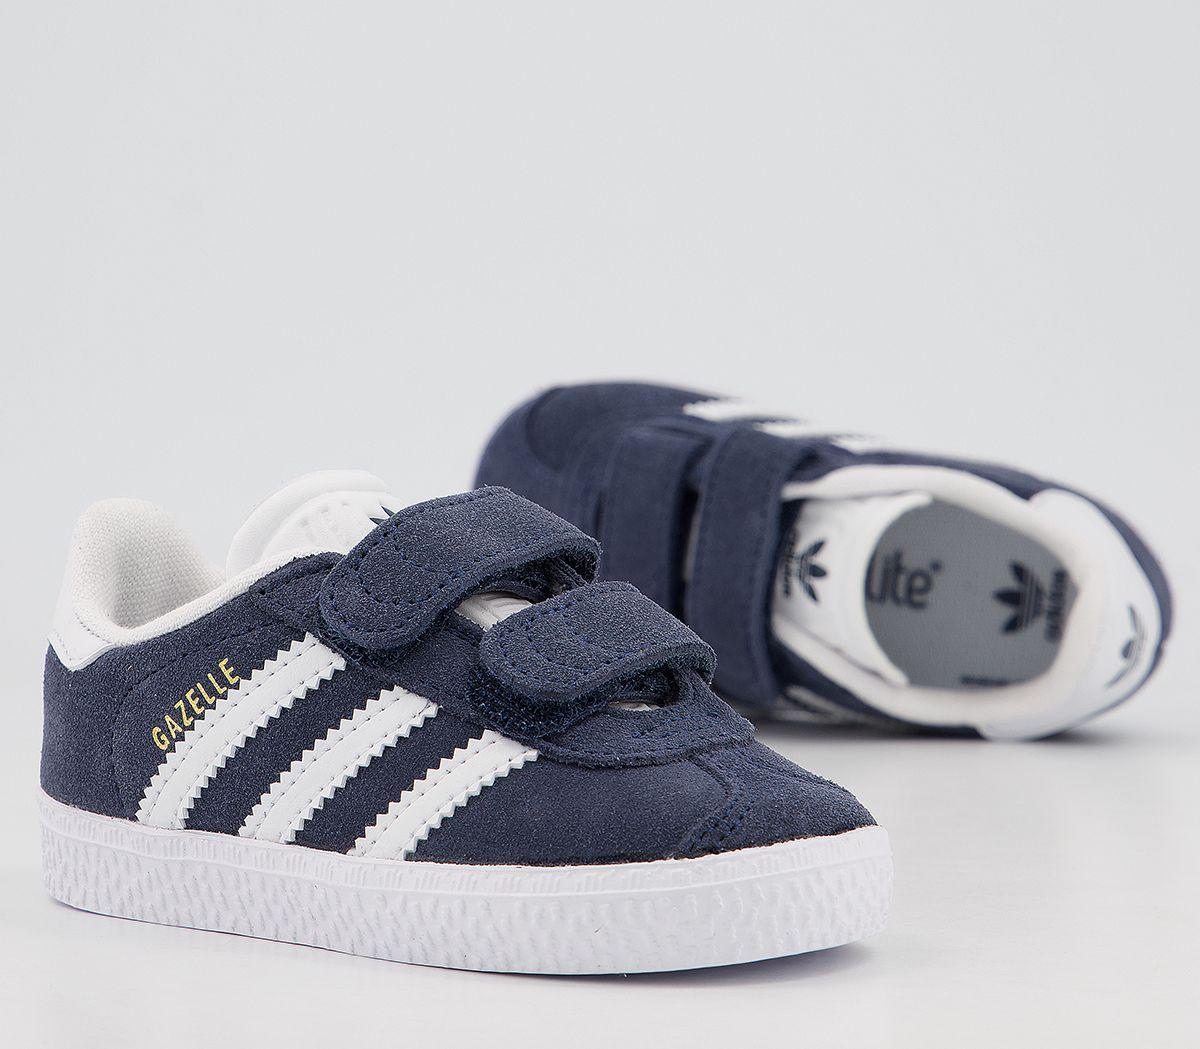 Details zu Kids Adidas Gazelle 2 Infant Trainers Collegiate Navy Kids